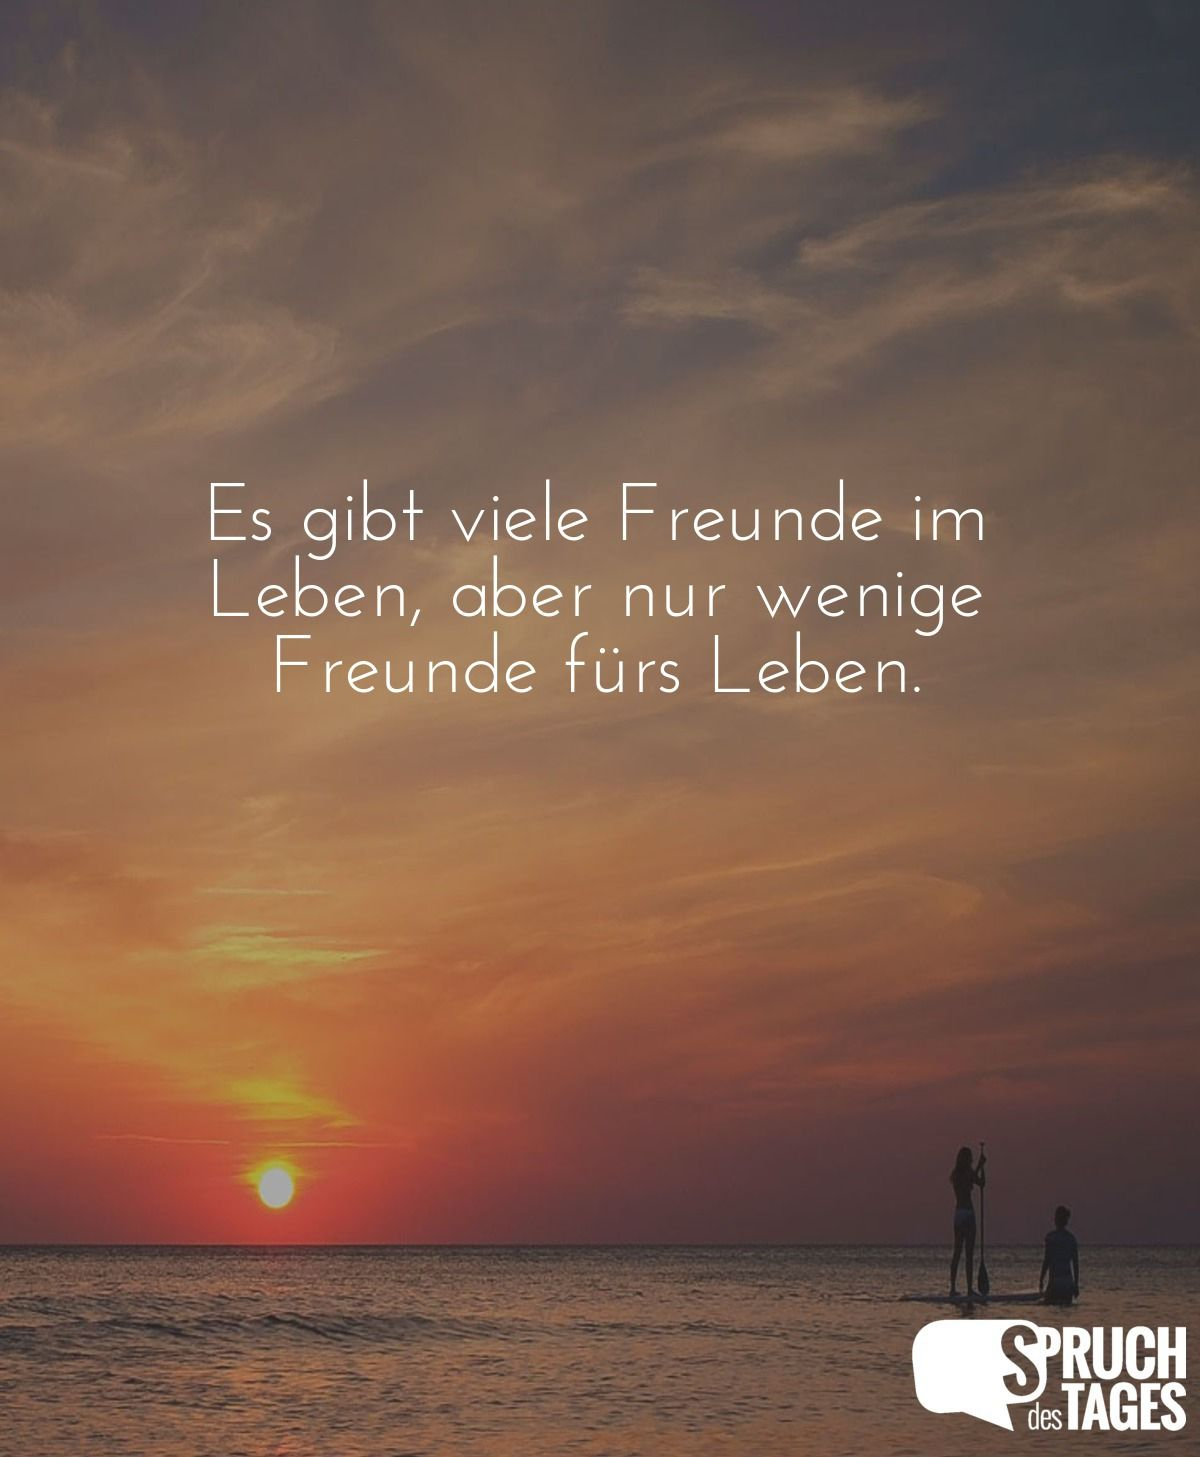 Zitat freundschaft entfernung